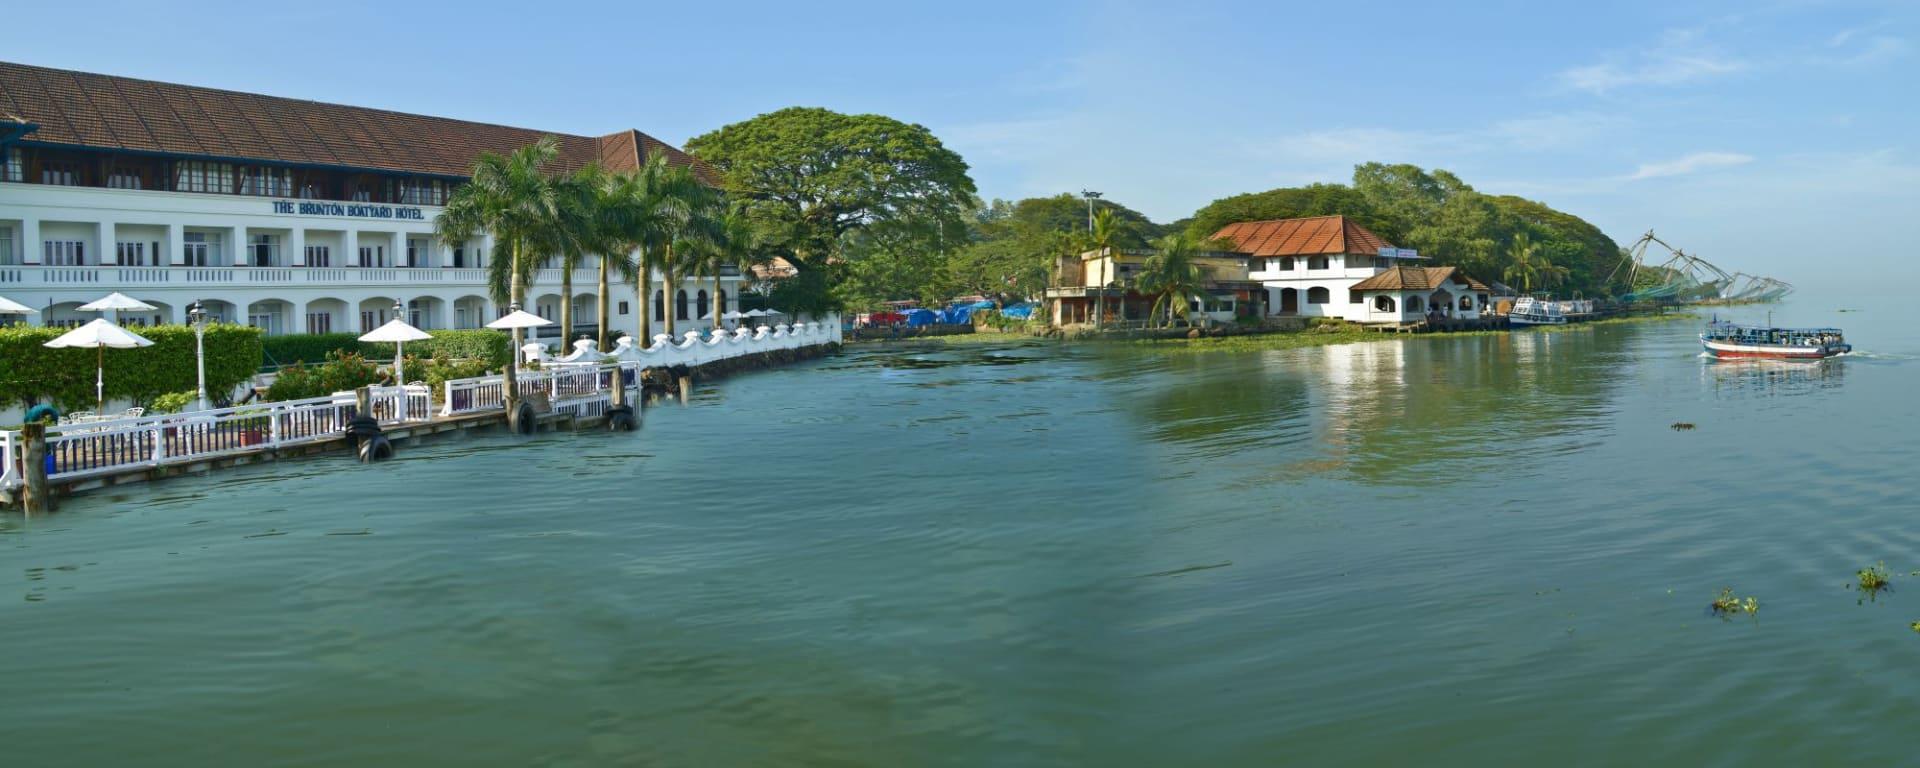 Brunton Boatyard in Kochi: Exterior view